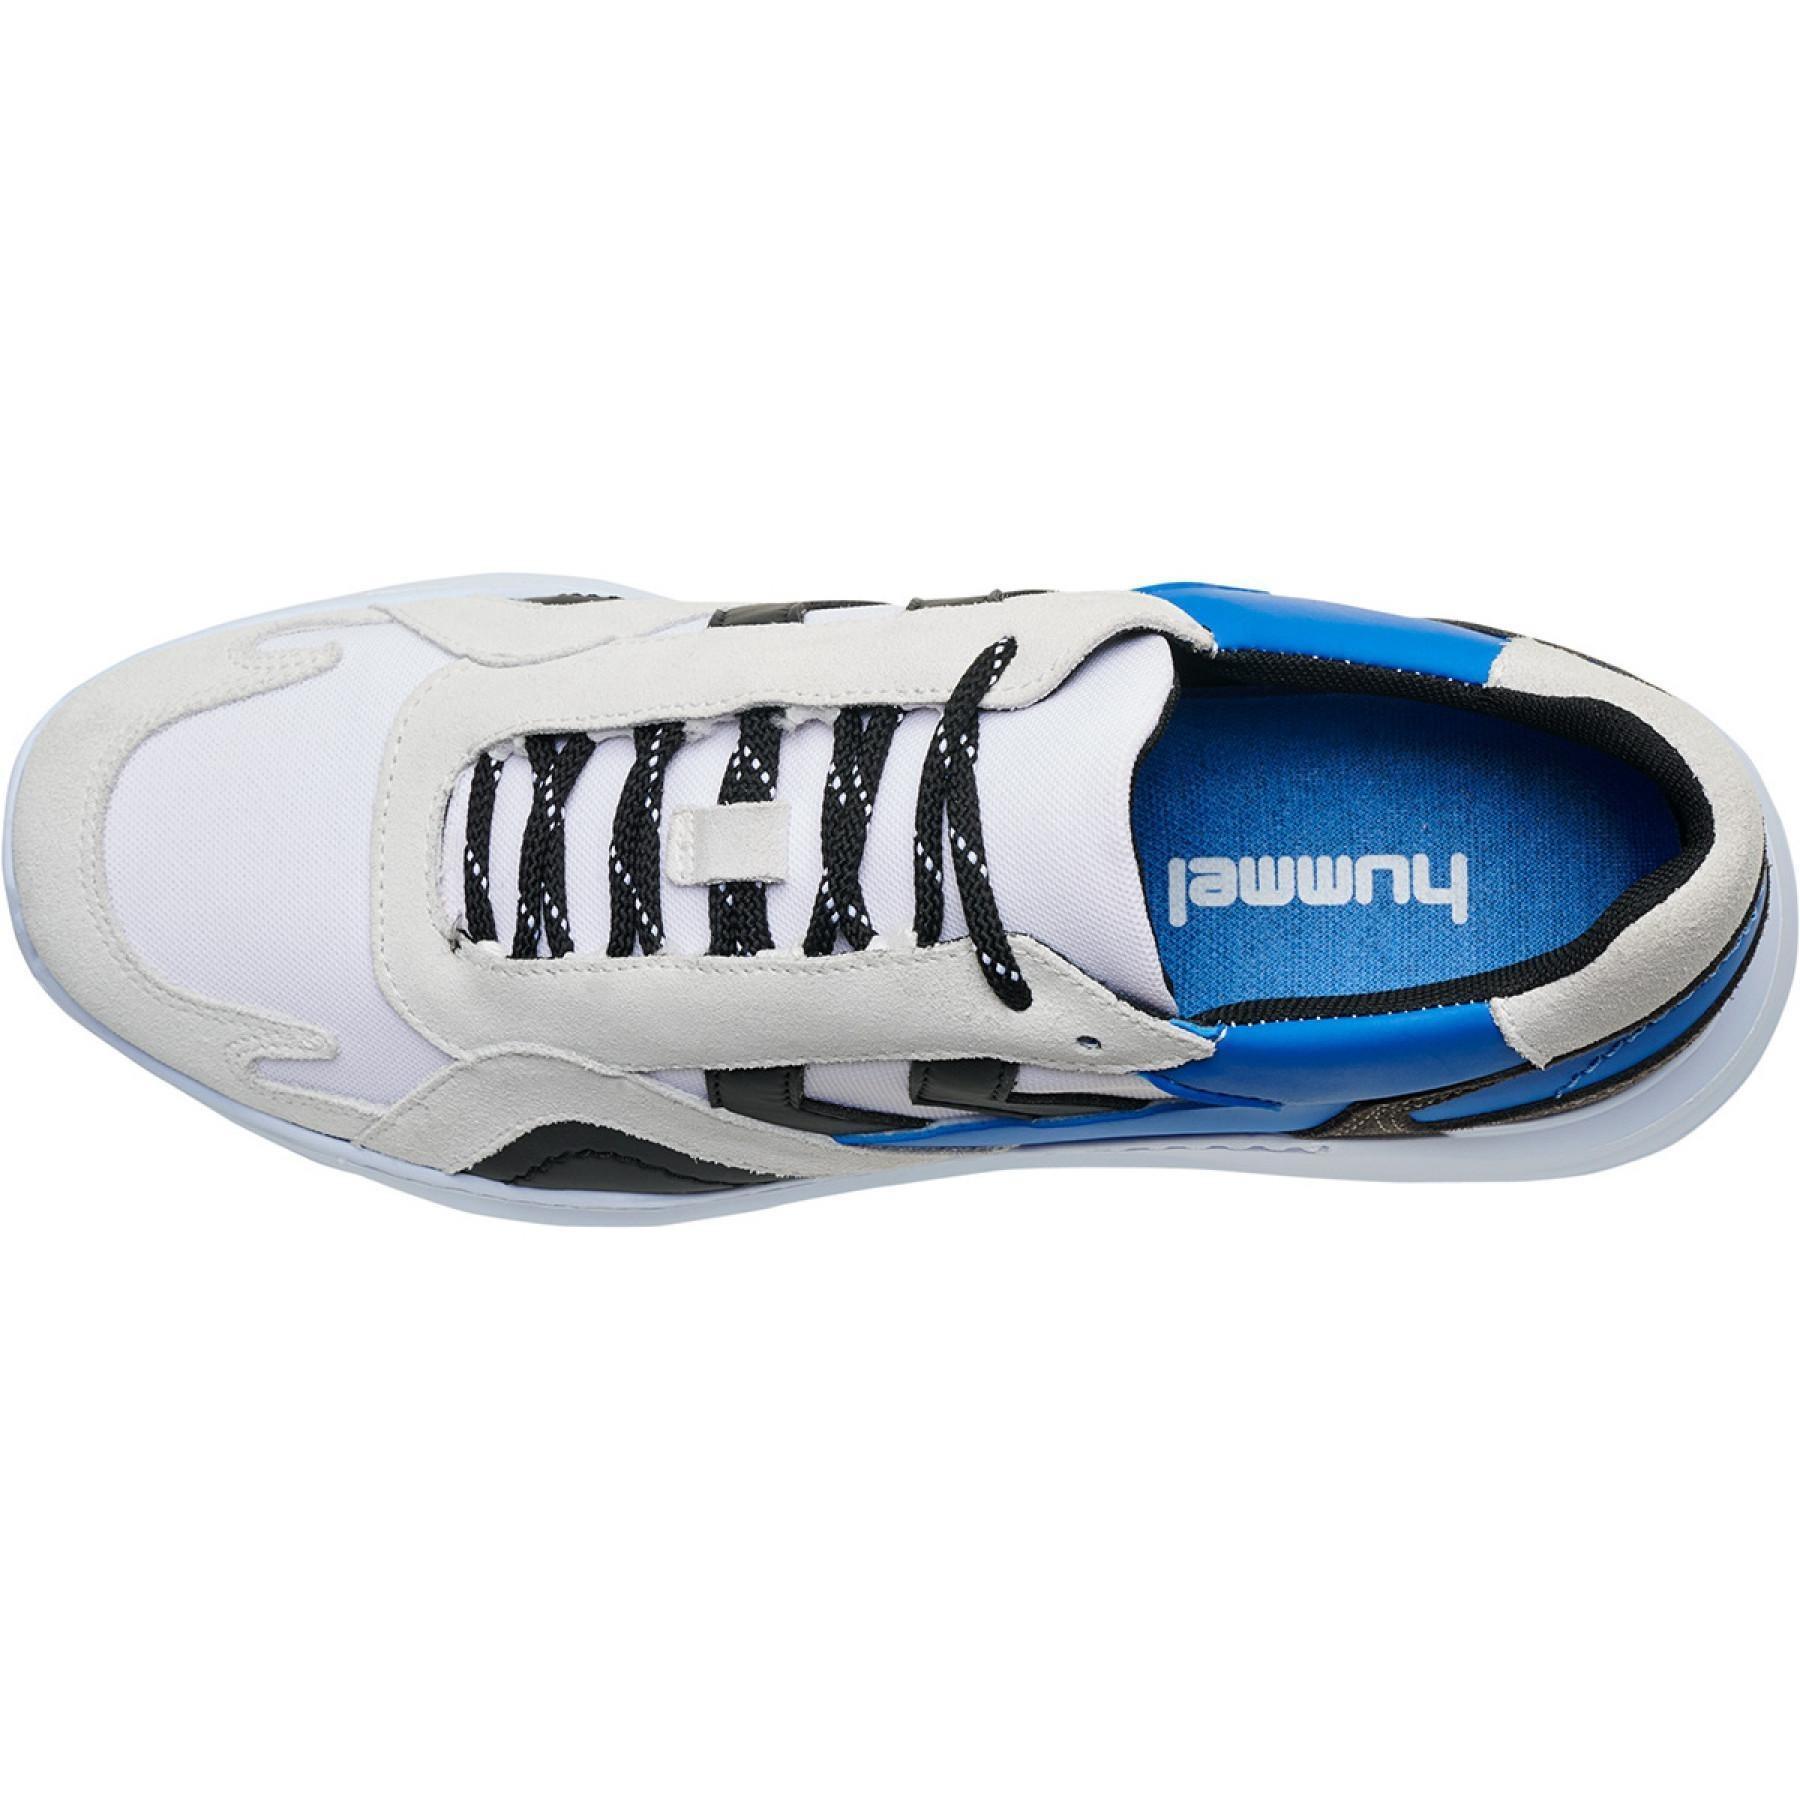 Спортивная обувь Hummel Демисезон (655) photo 1